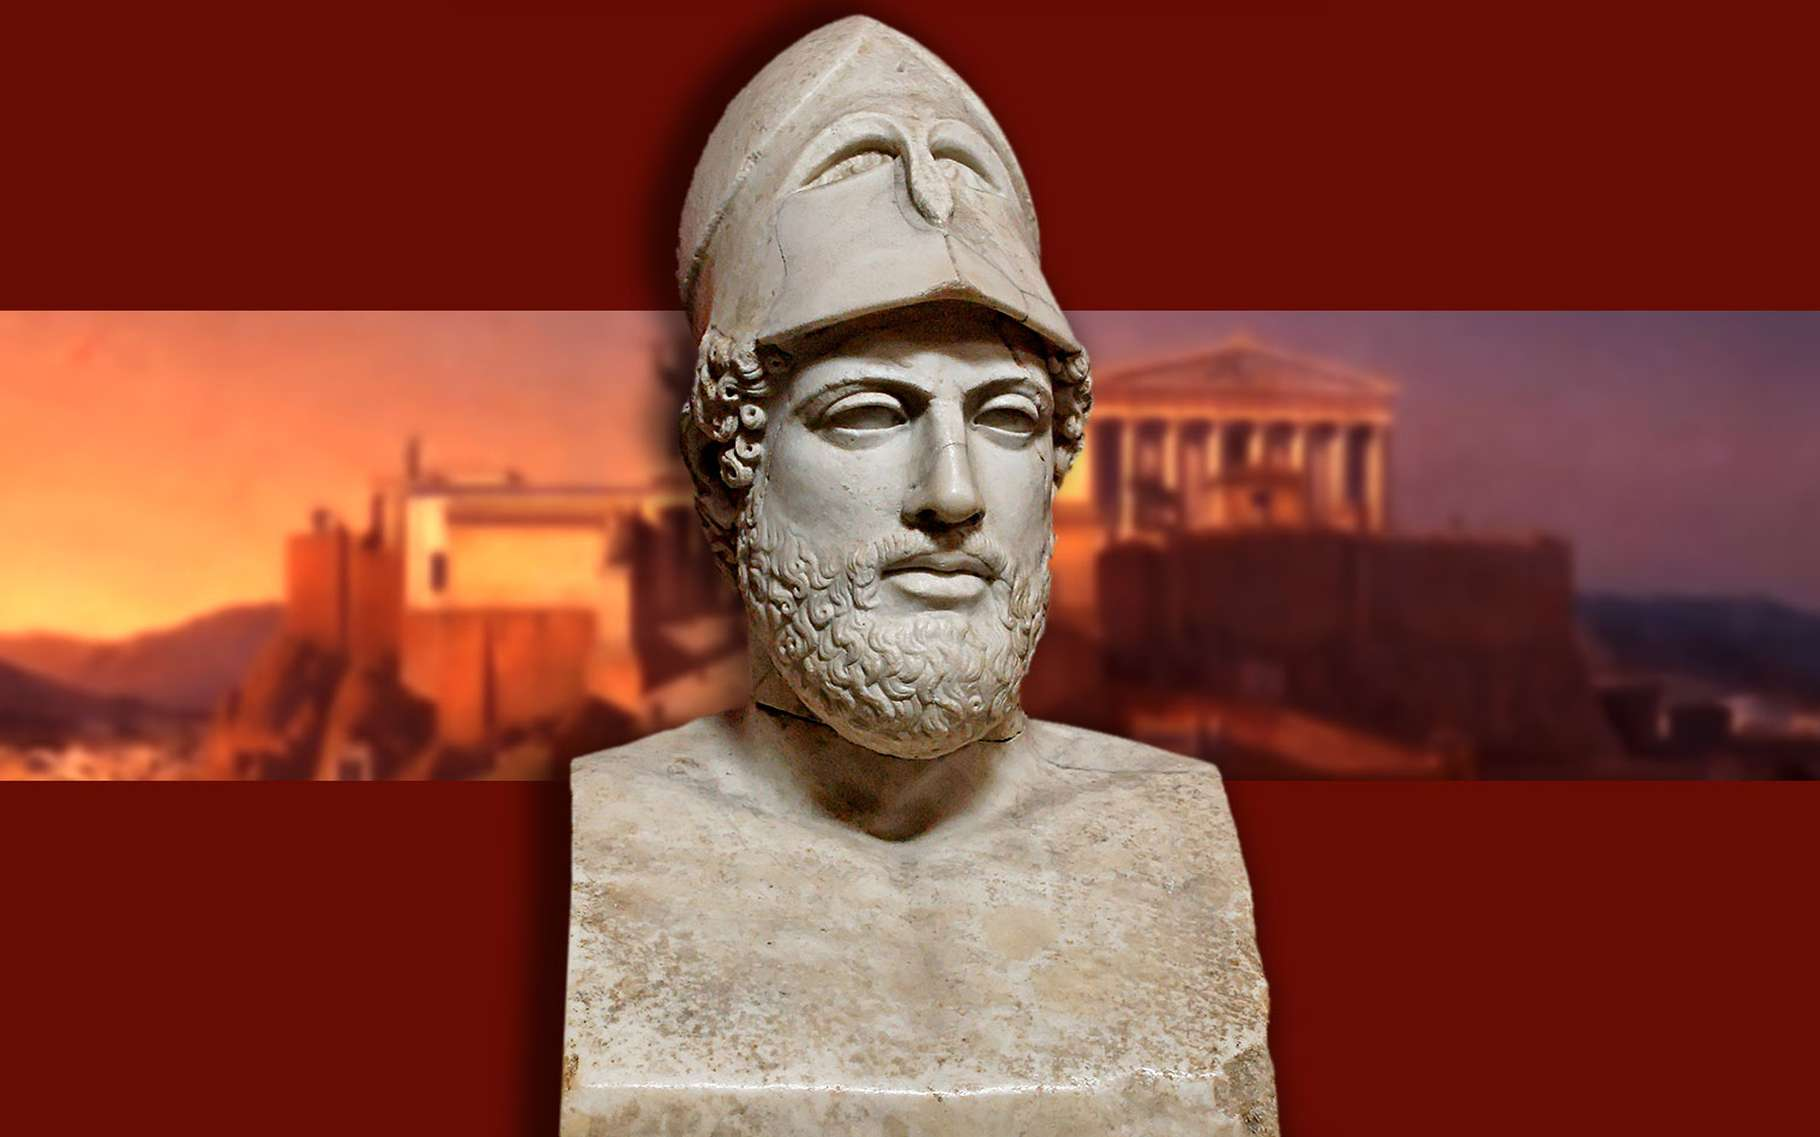 Périclés, vue sur l'Acropole d'Athènes. © Jastrow, Neue Pinakothek, Wikimedia commons, DP